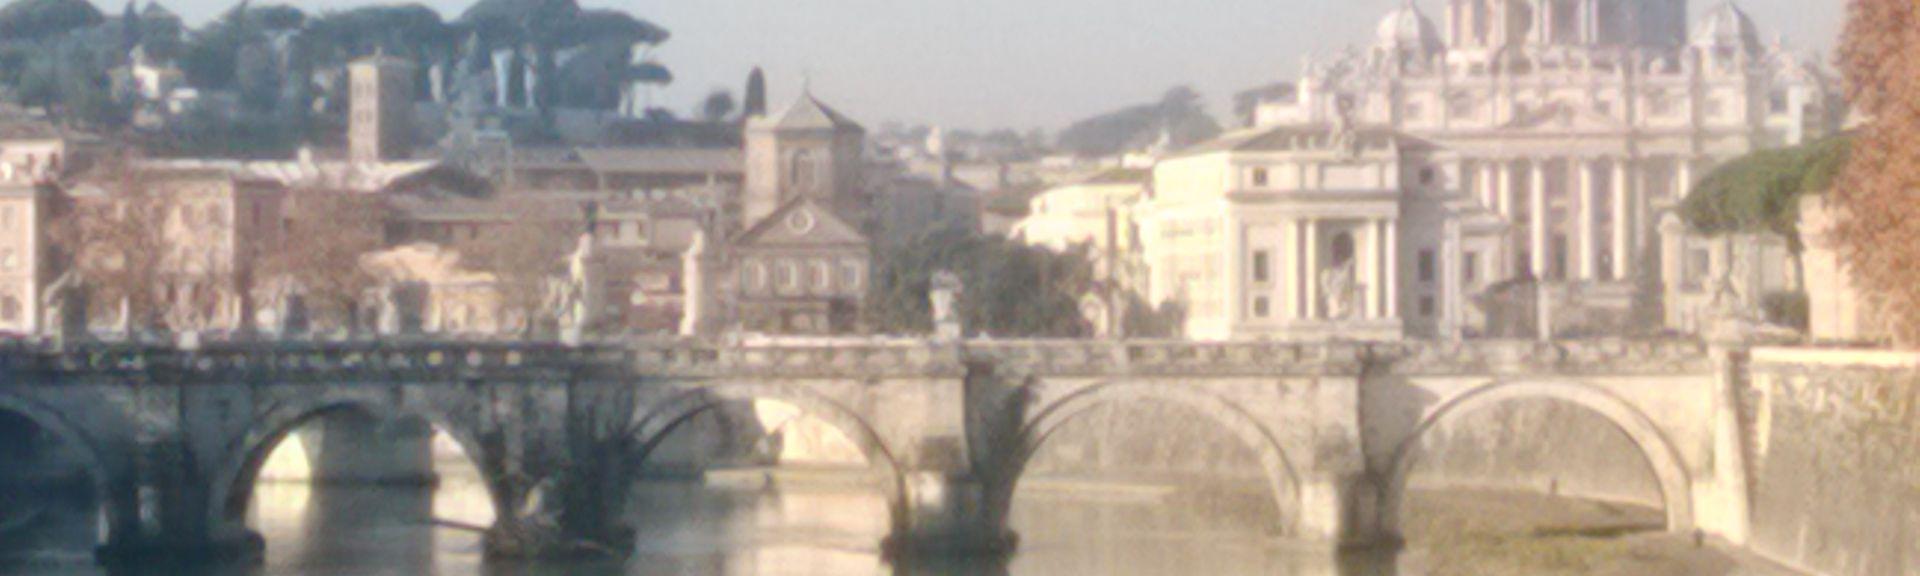 Gianicolense, Rooma, Lazio, Italia